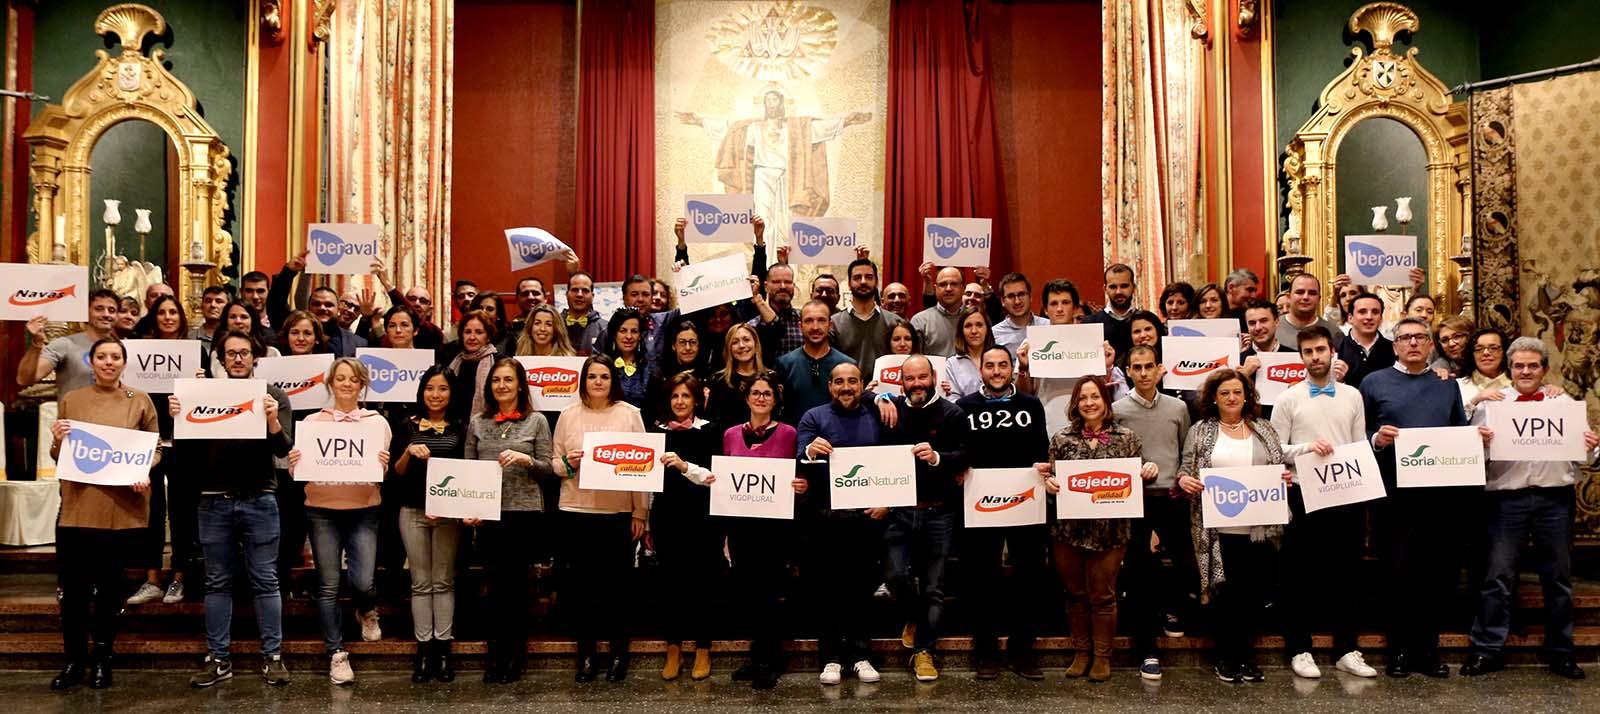 Los trabajadores de Iberaval portan los logos de las empresas colaboradoras